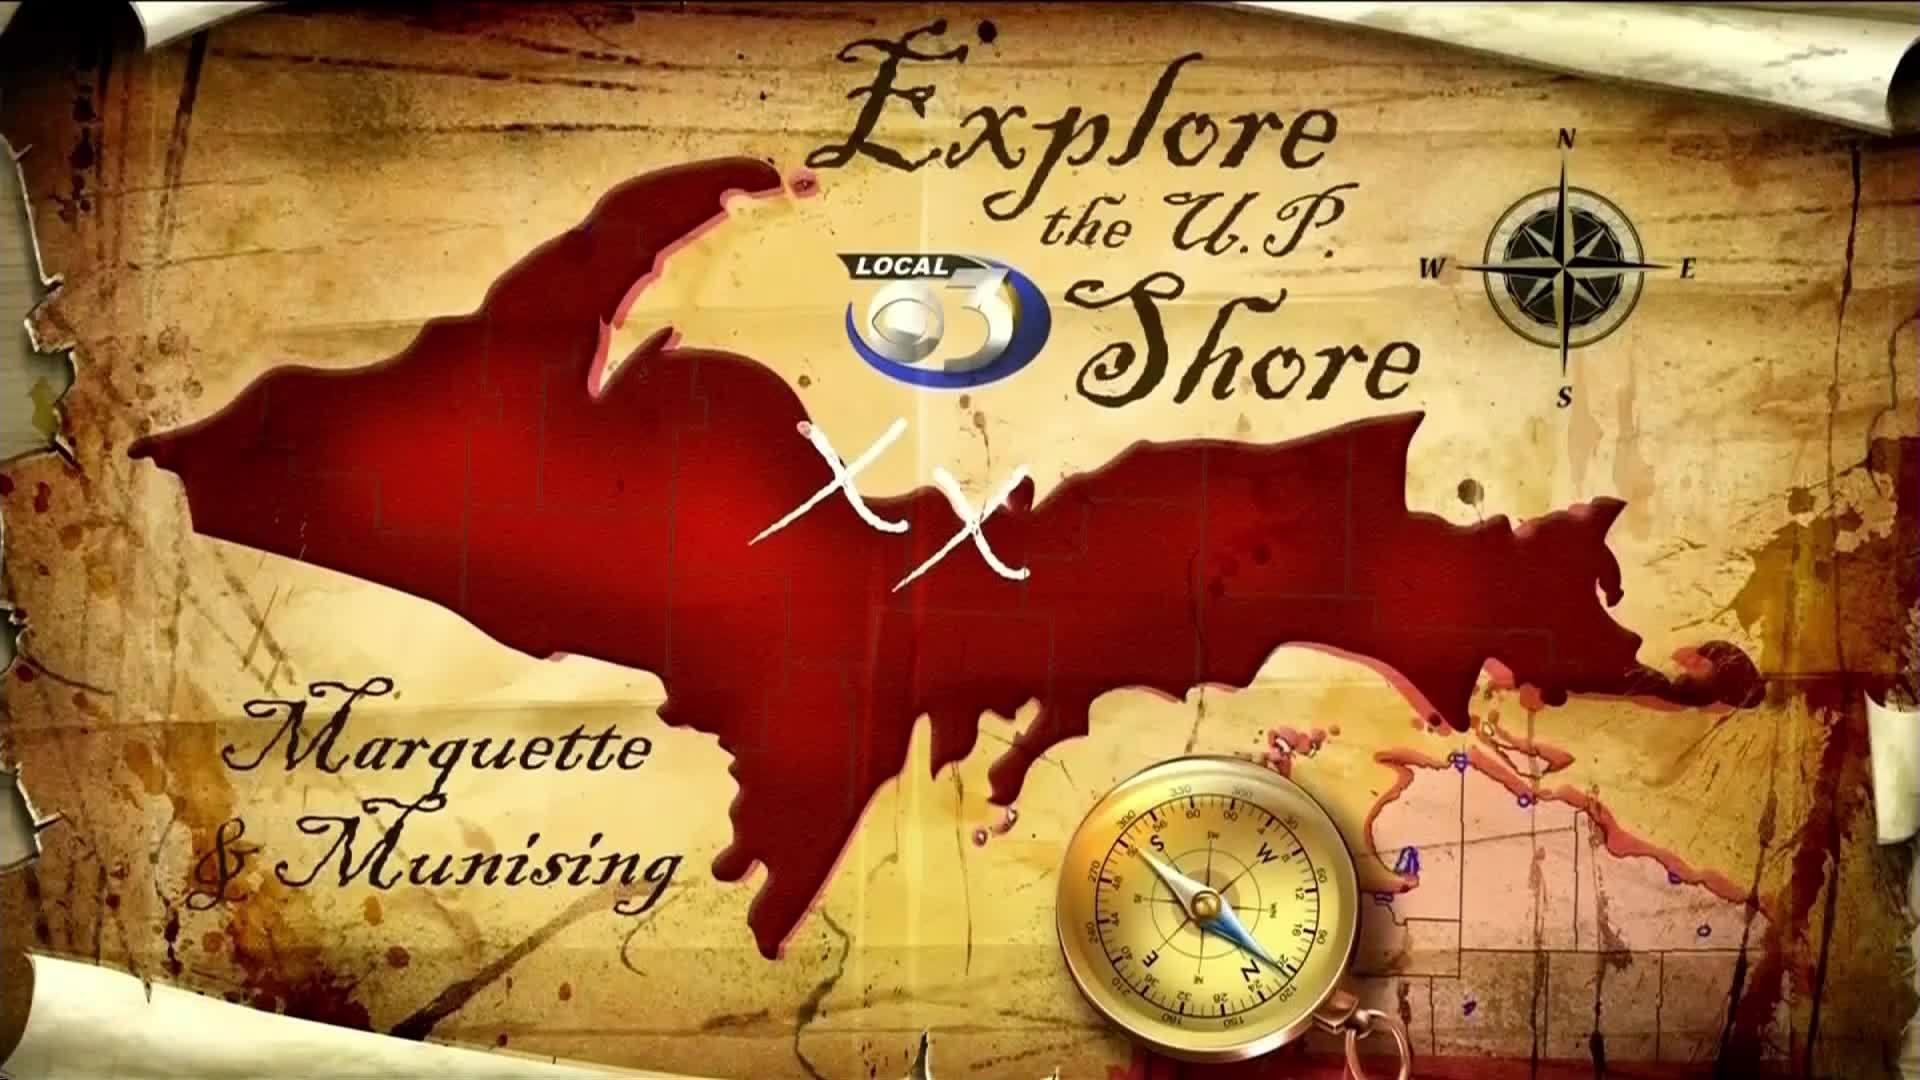 Explore the U.P. Shore - Munising & Marquette